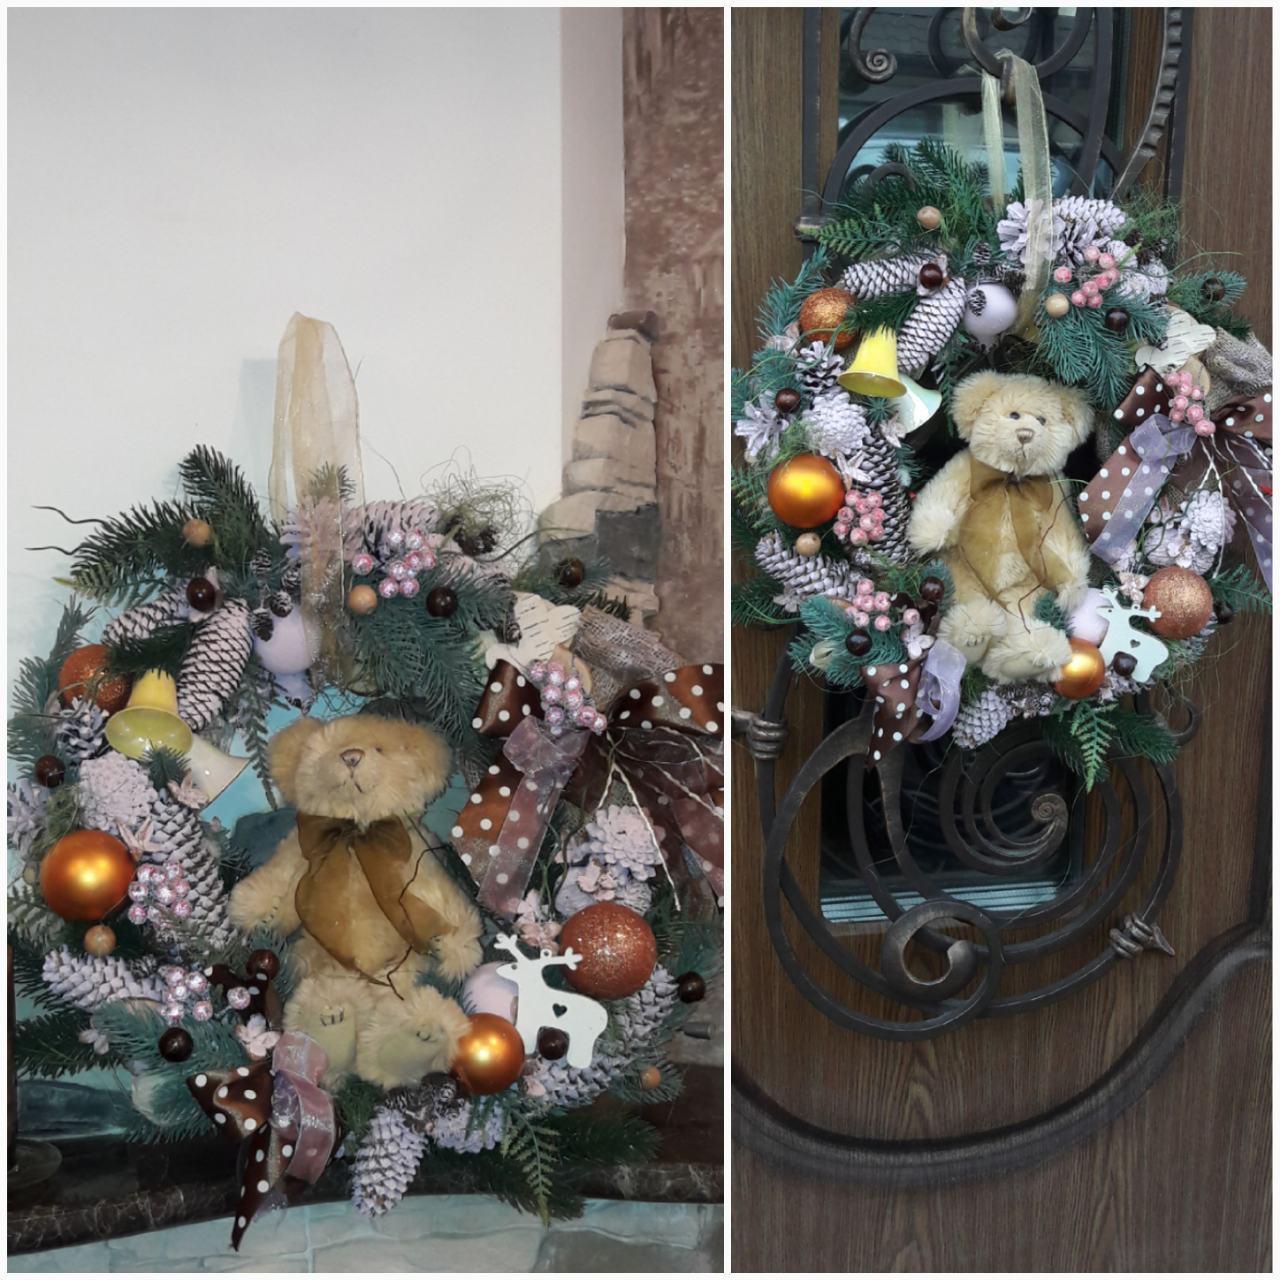 """Пышный веночек """"Мечты медвежонка"""" с мягкой игрушкой к рождеству, натуральные материалы, 50 см., 750 гр., фото 1"""